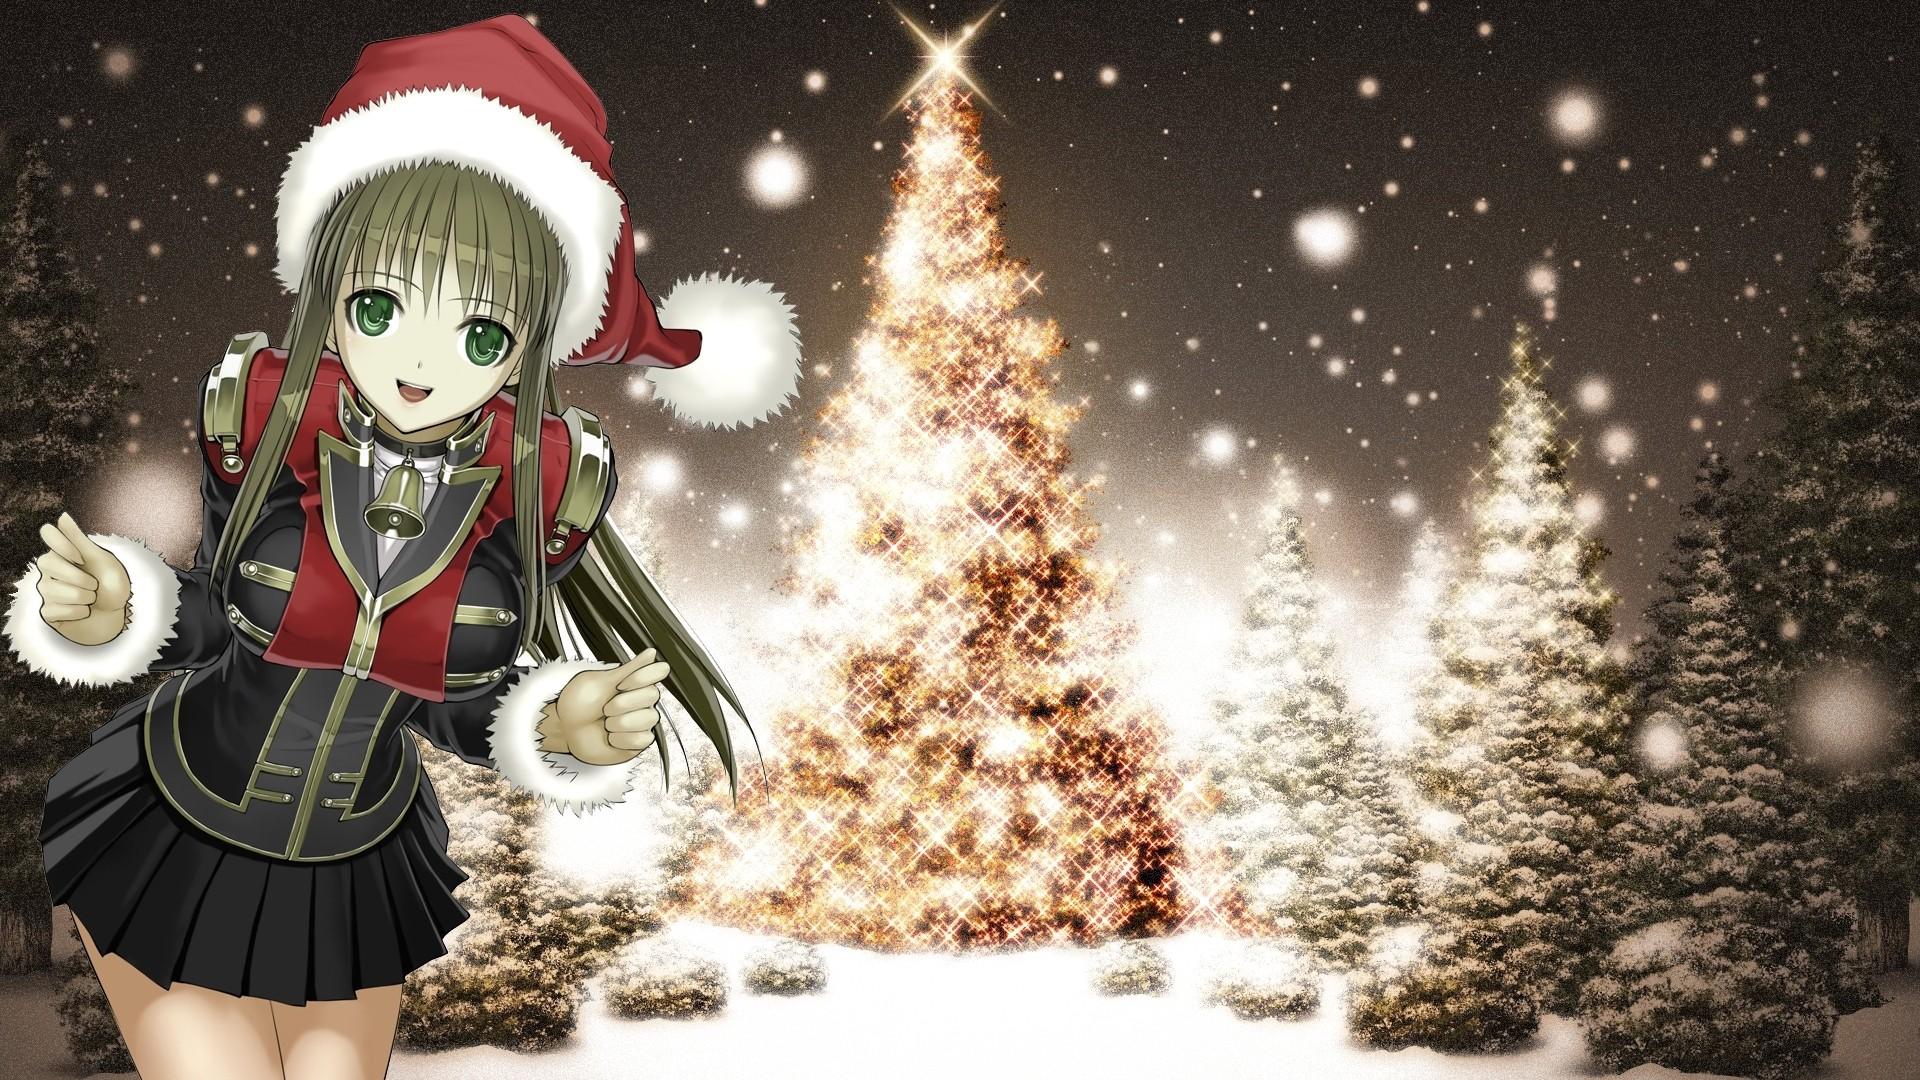 Christmas Anime Girl HD Download